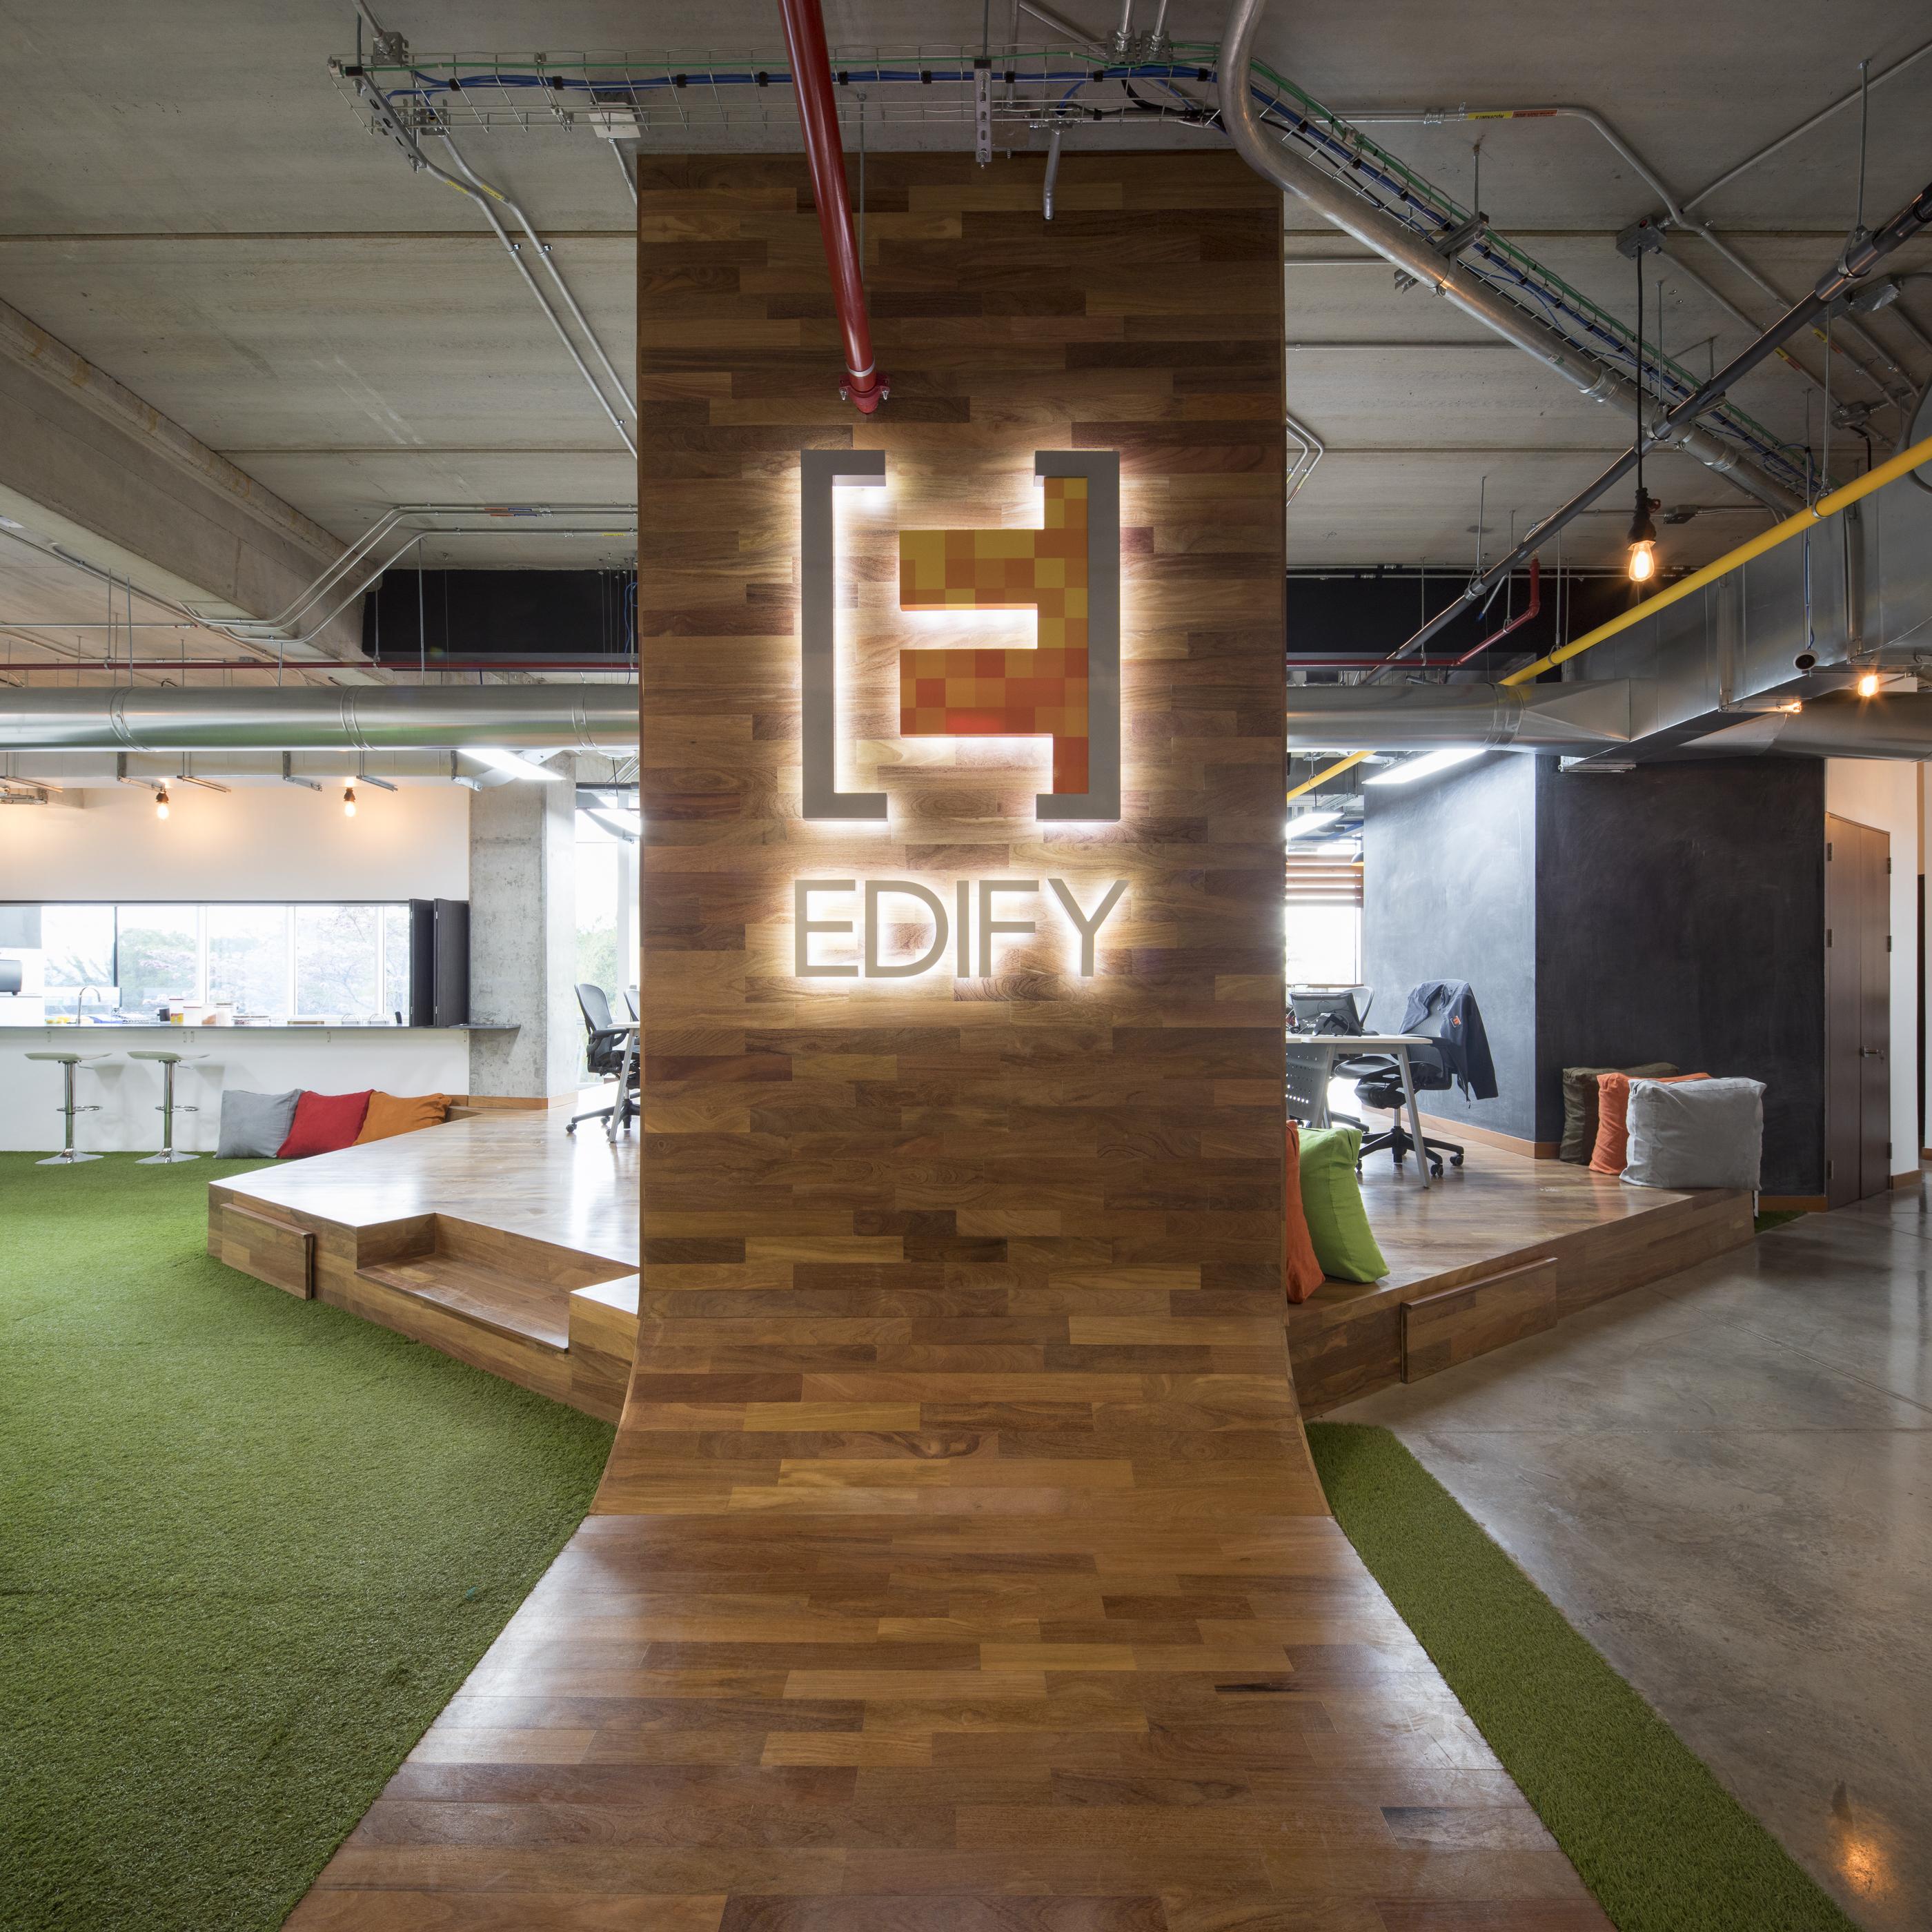 edifiy-2